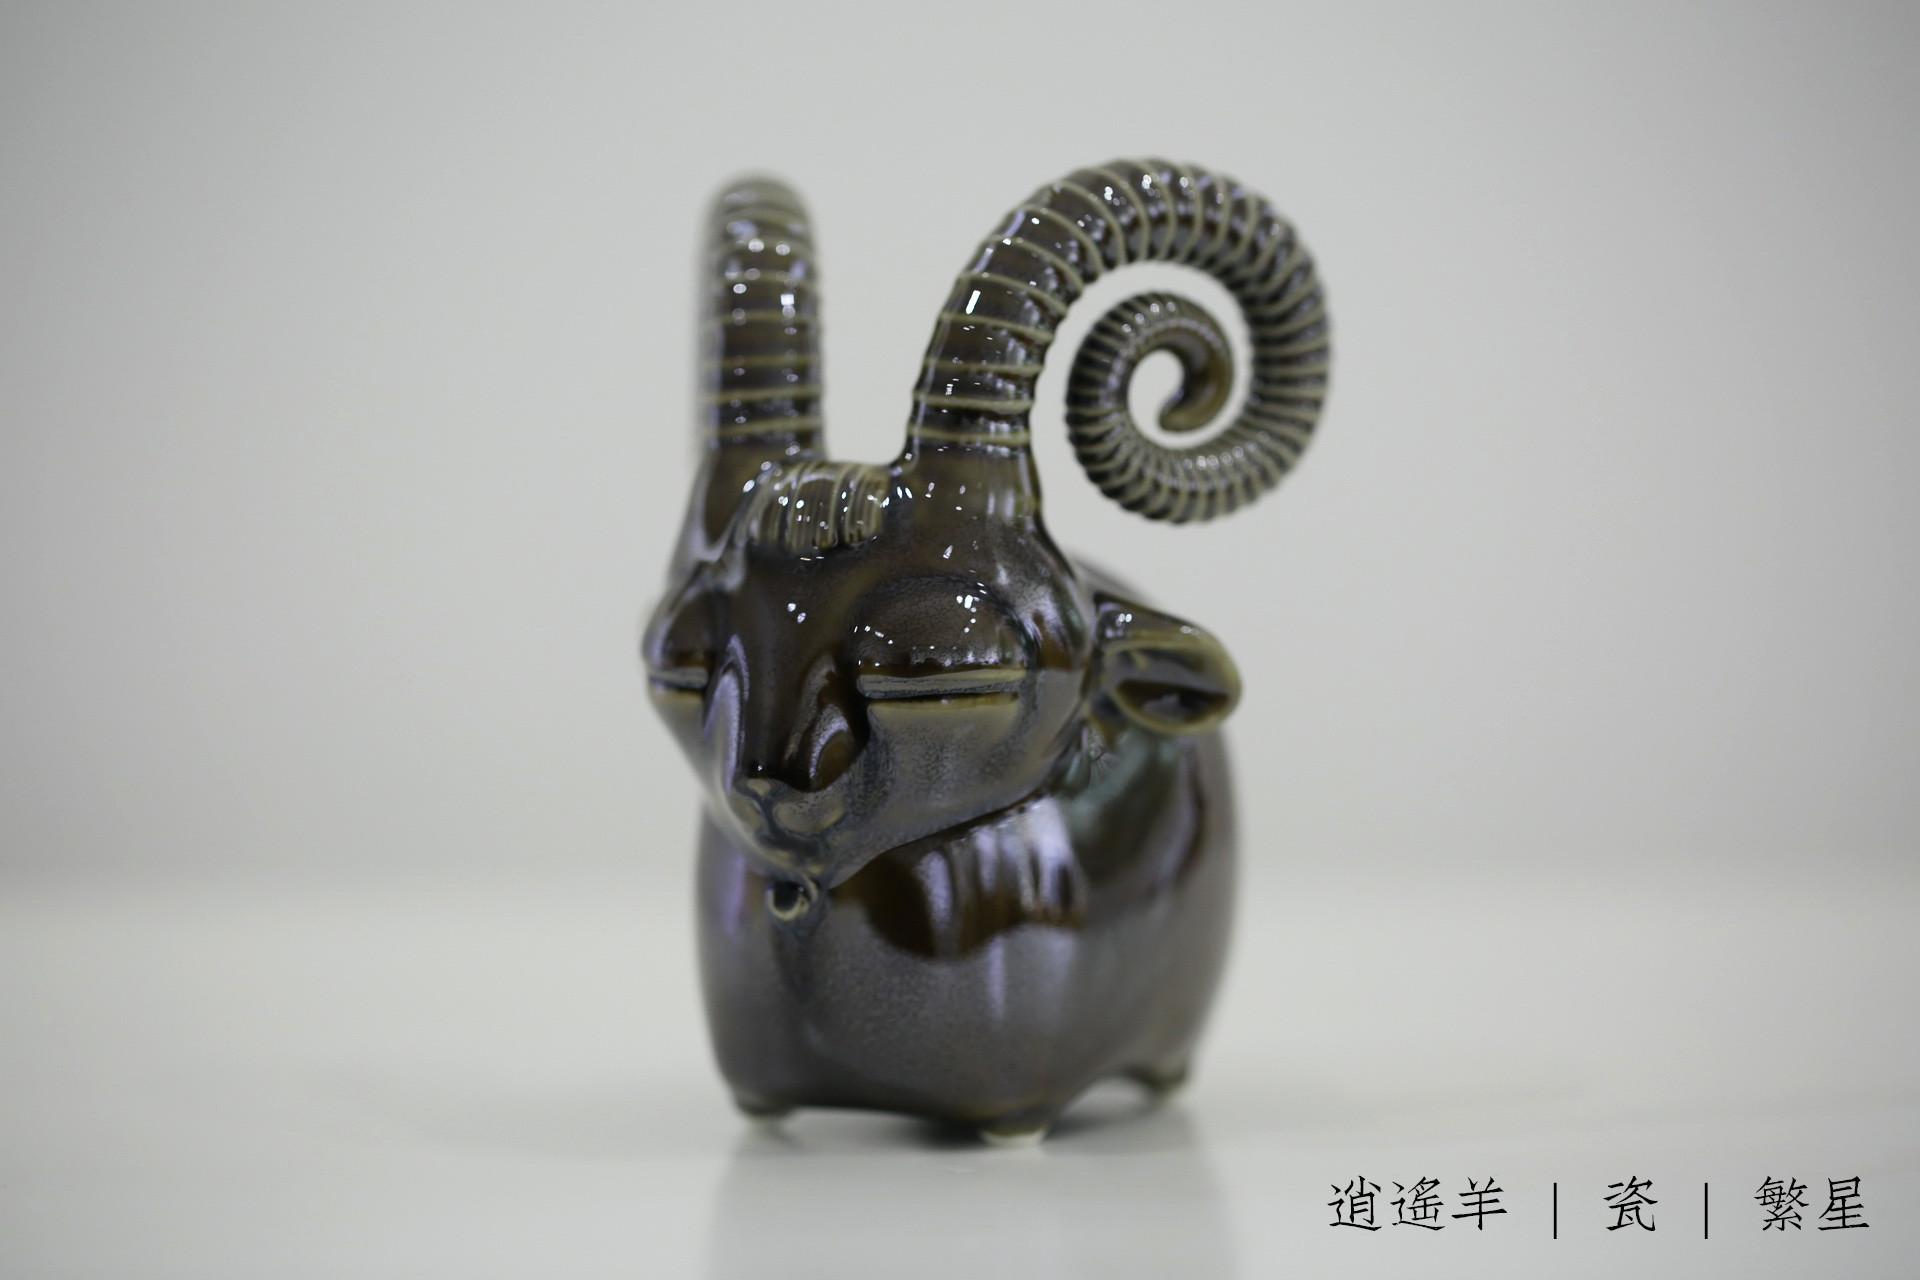 Zhelong xu 04